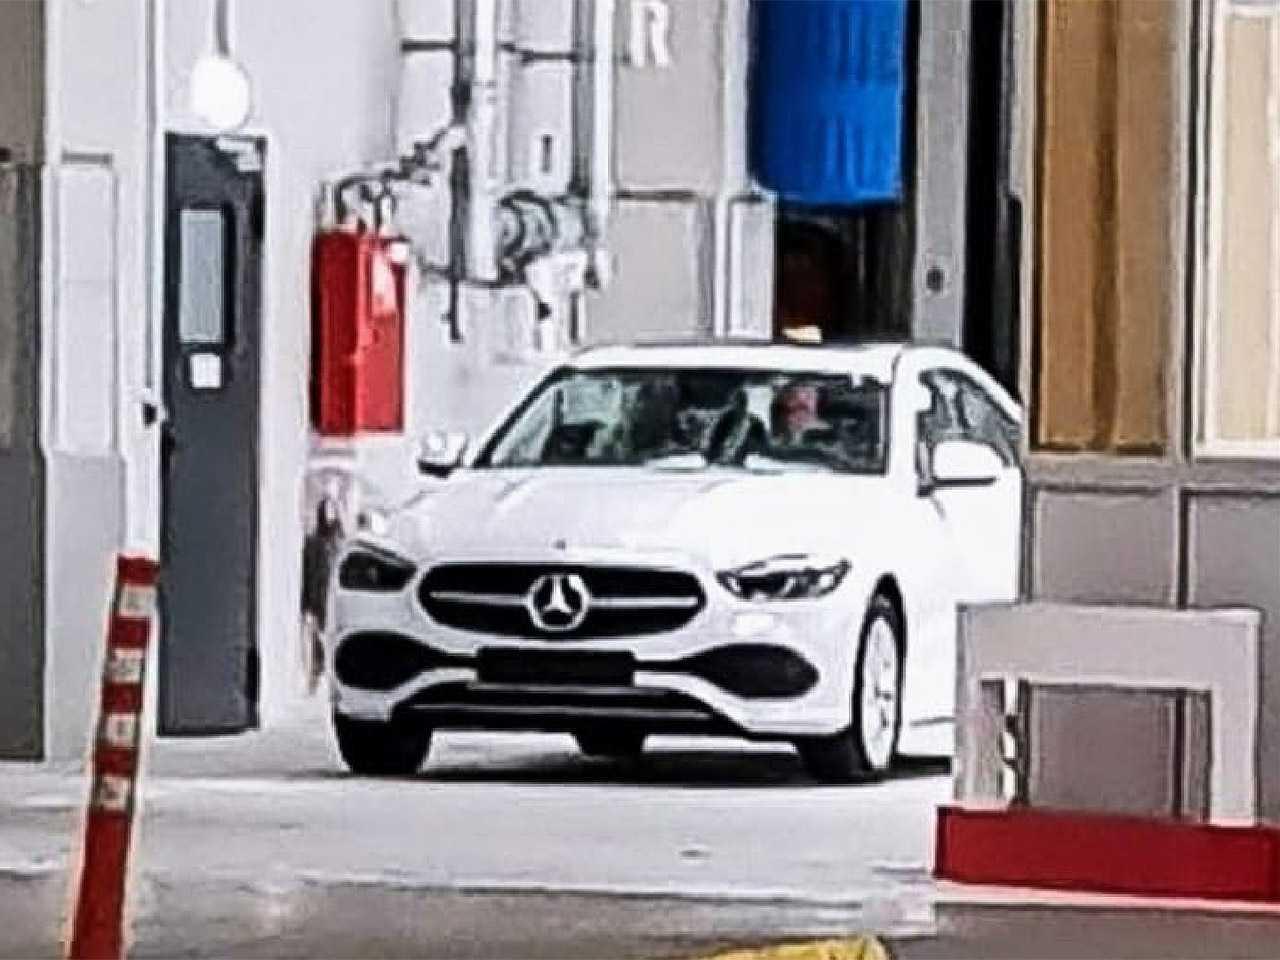 Flagra da nova geração do Mercedes-Benz Classe C em teste na Europa